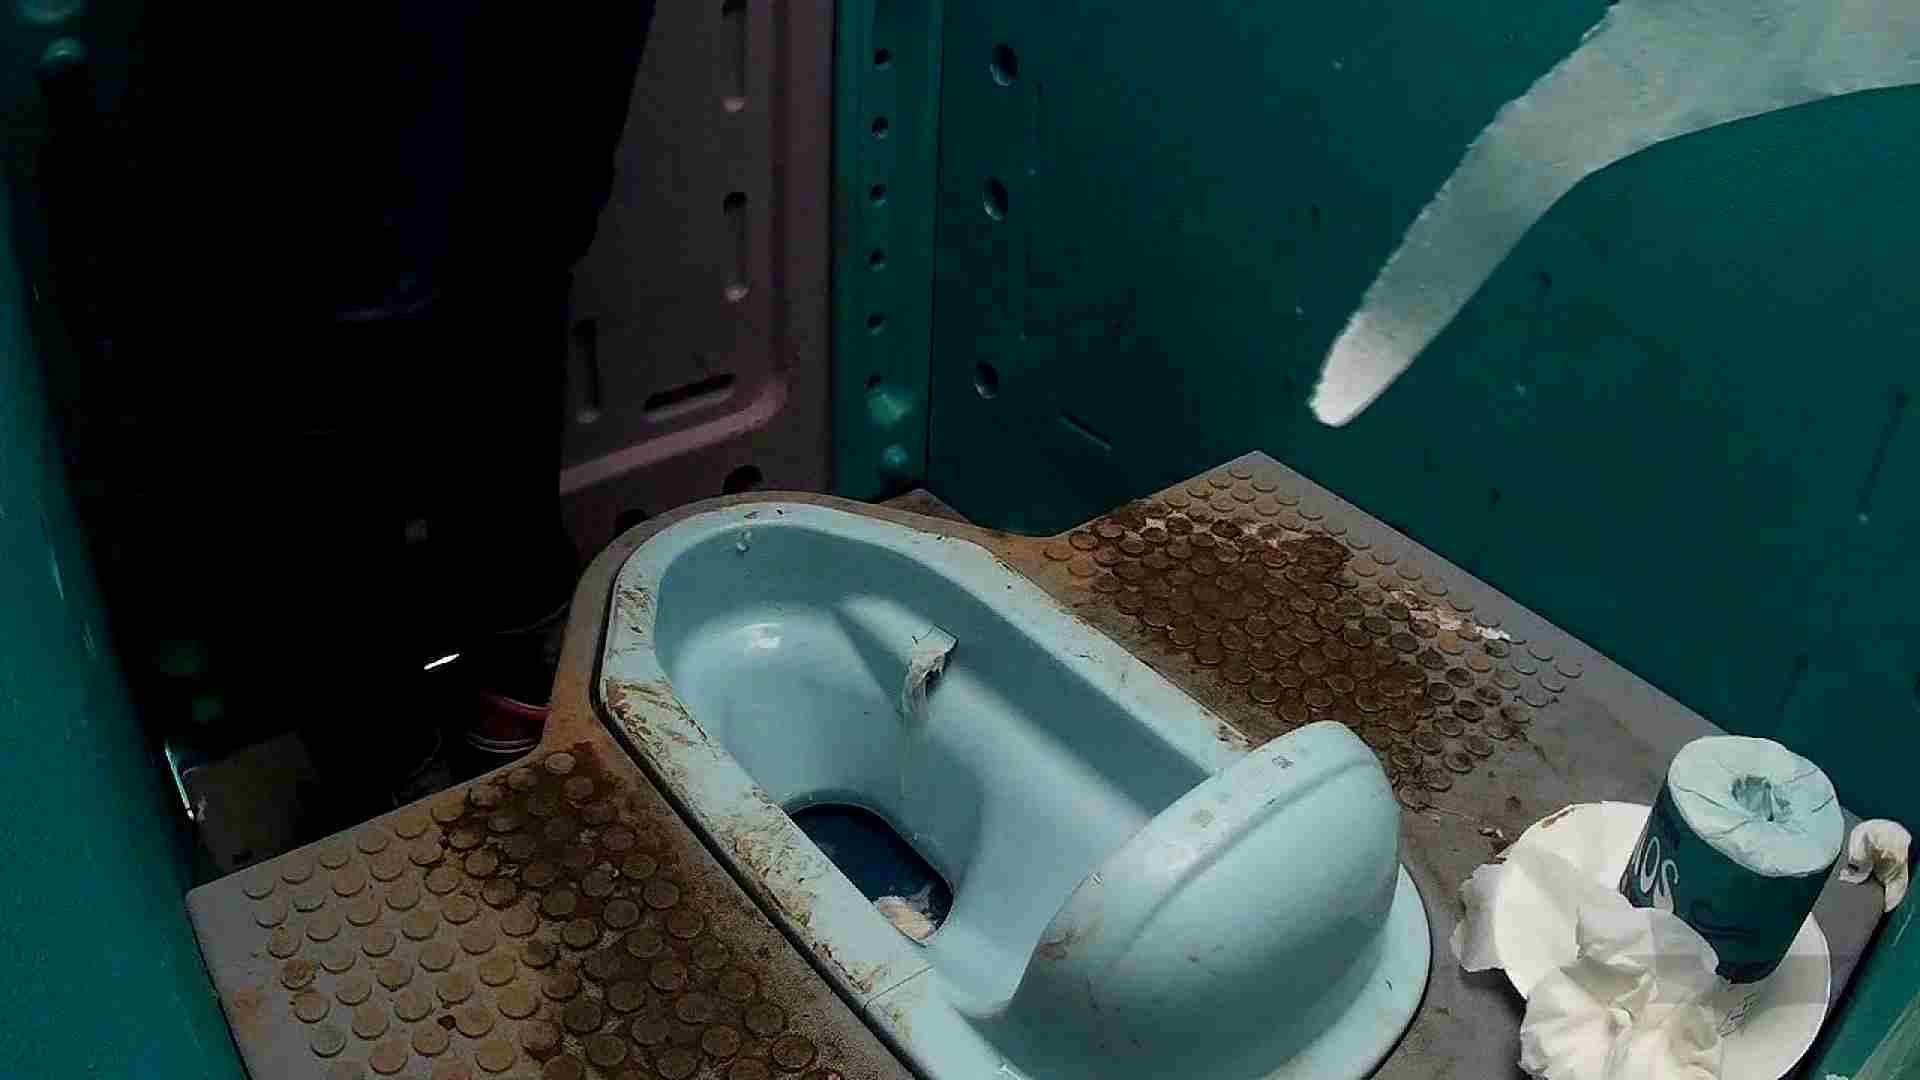 痴態洗面所 Vol.07 んーっ設置のむずかしさ、また「紙」様が・・・ 洗面所 | OLの実態  75pic 65